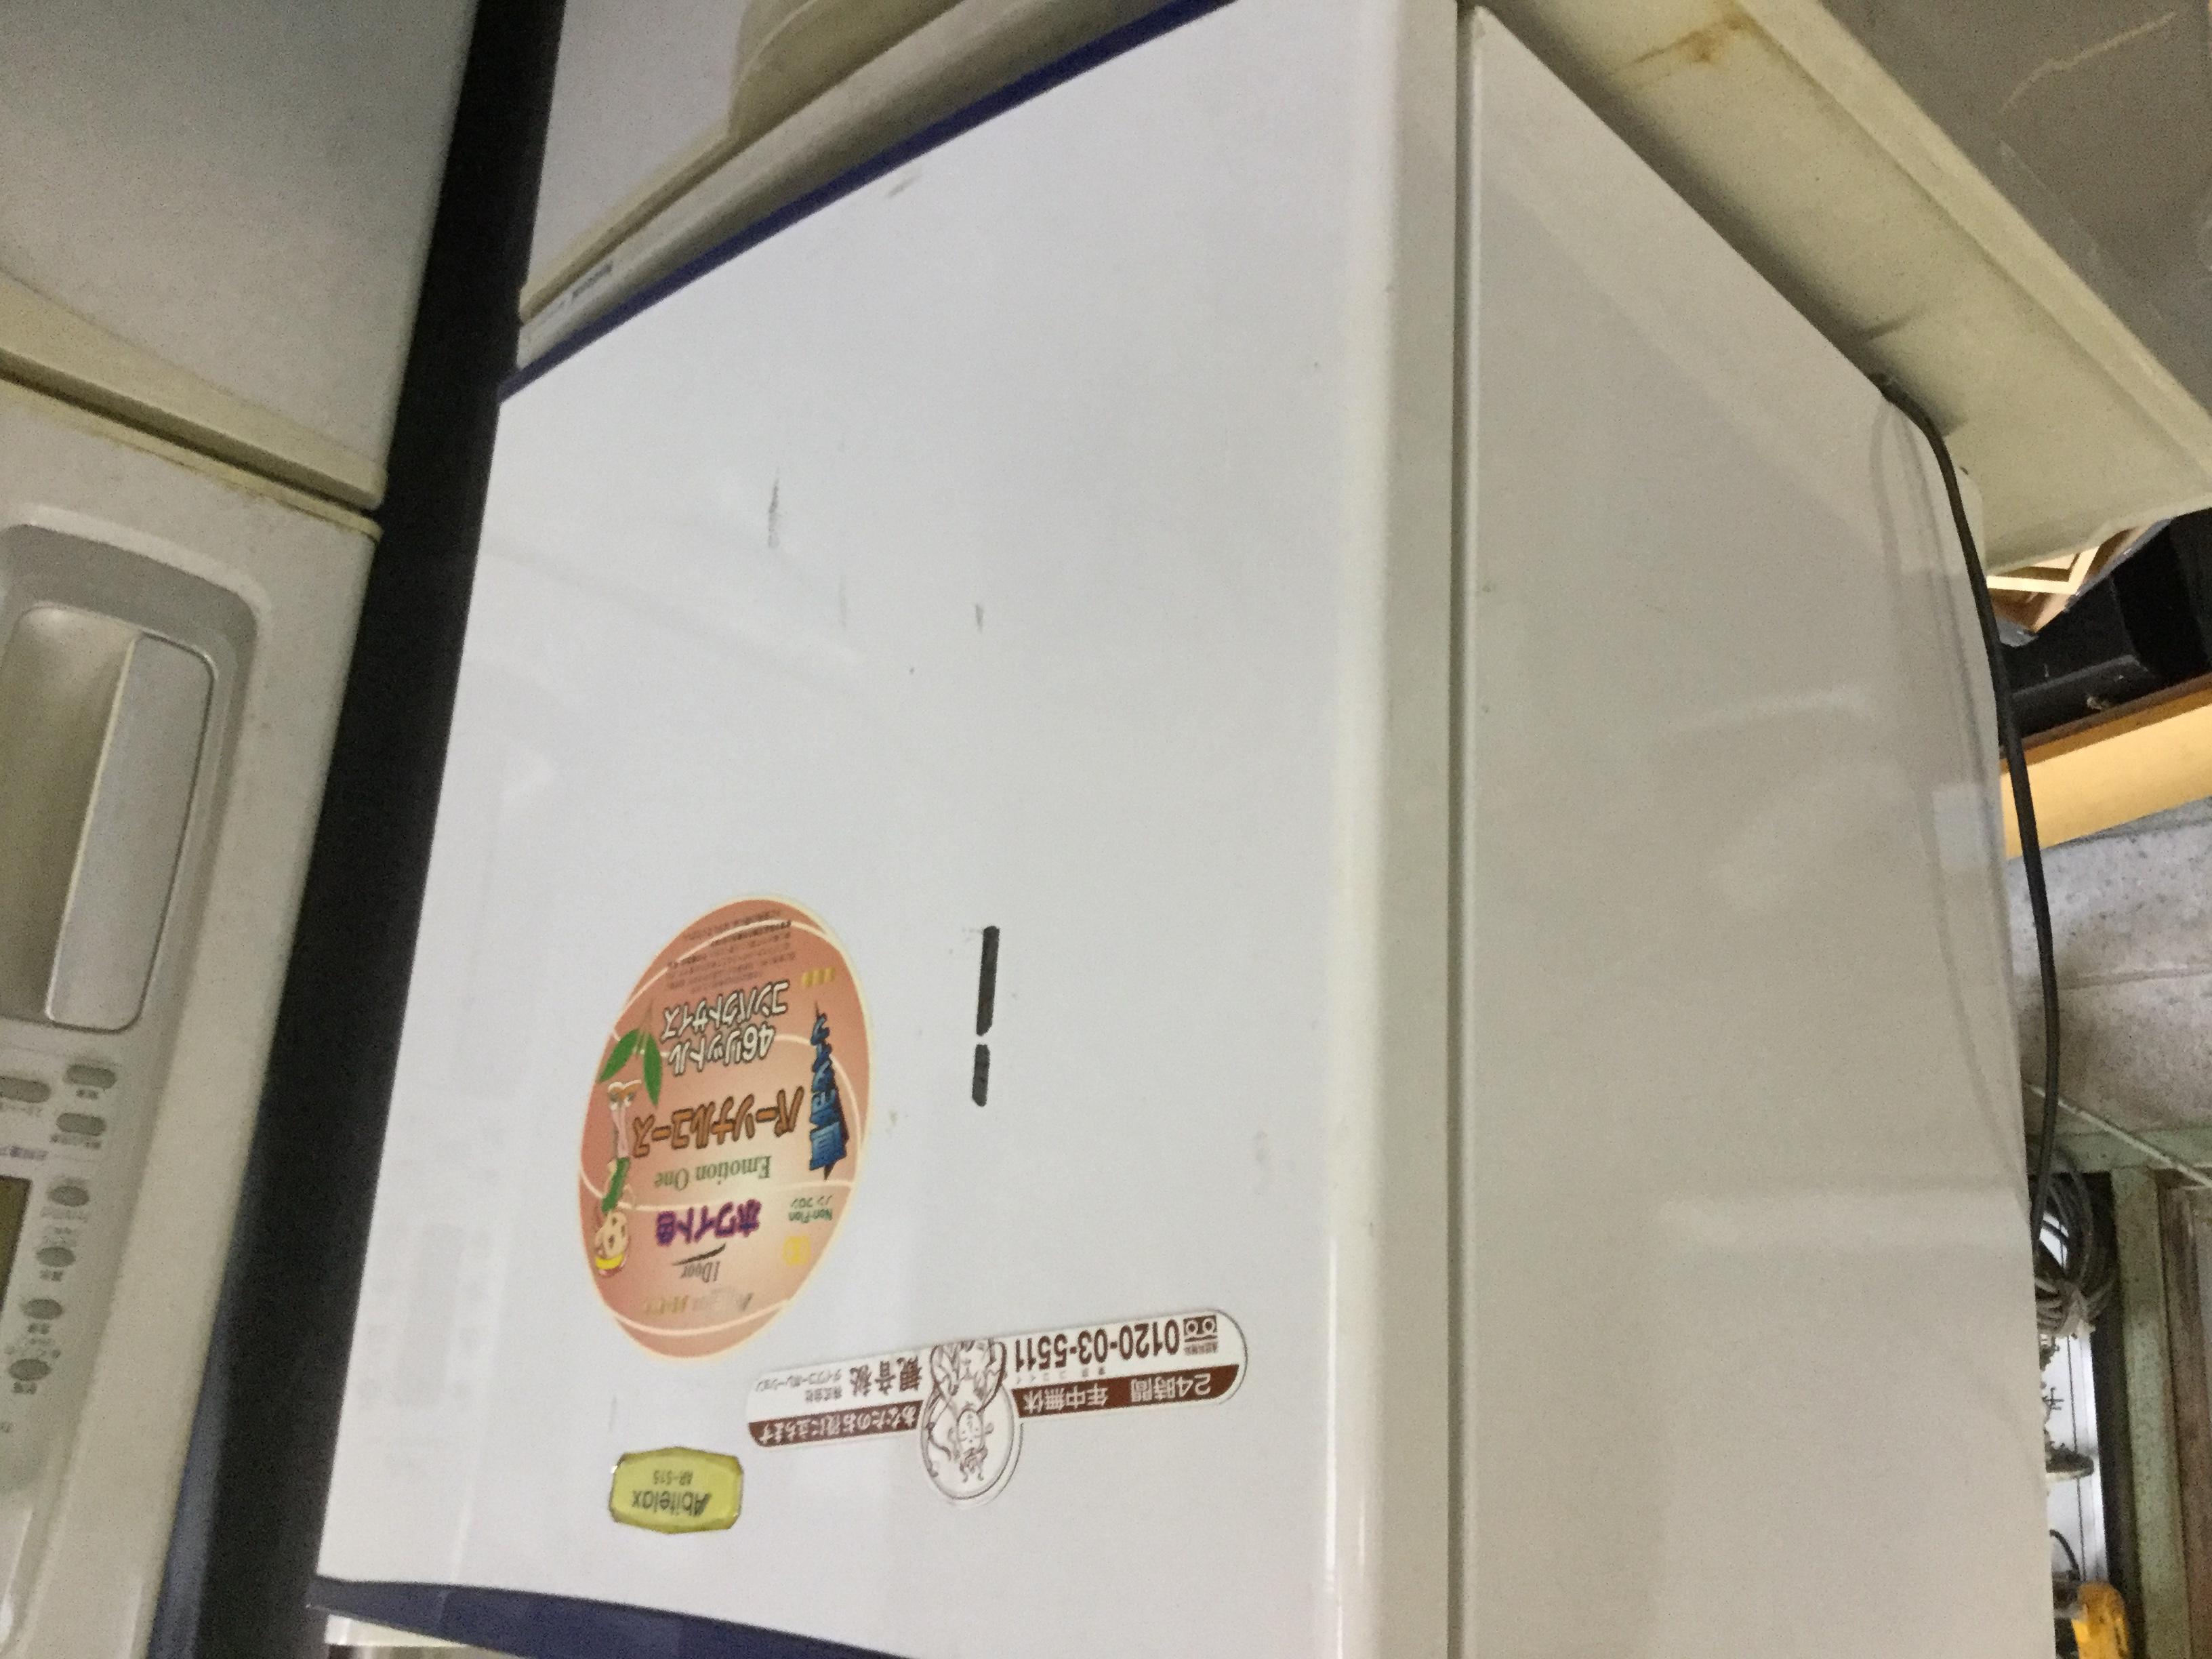 福山市加茂町付近で回収した小型冷蔵庫